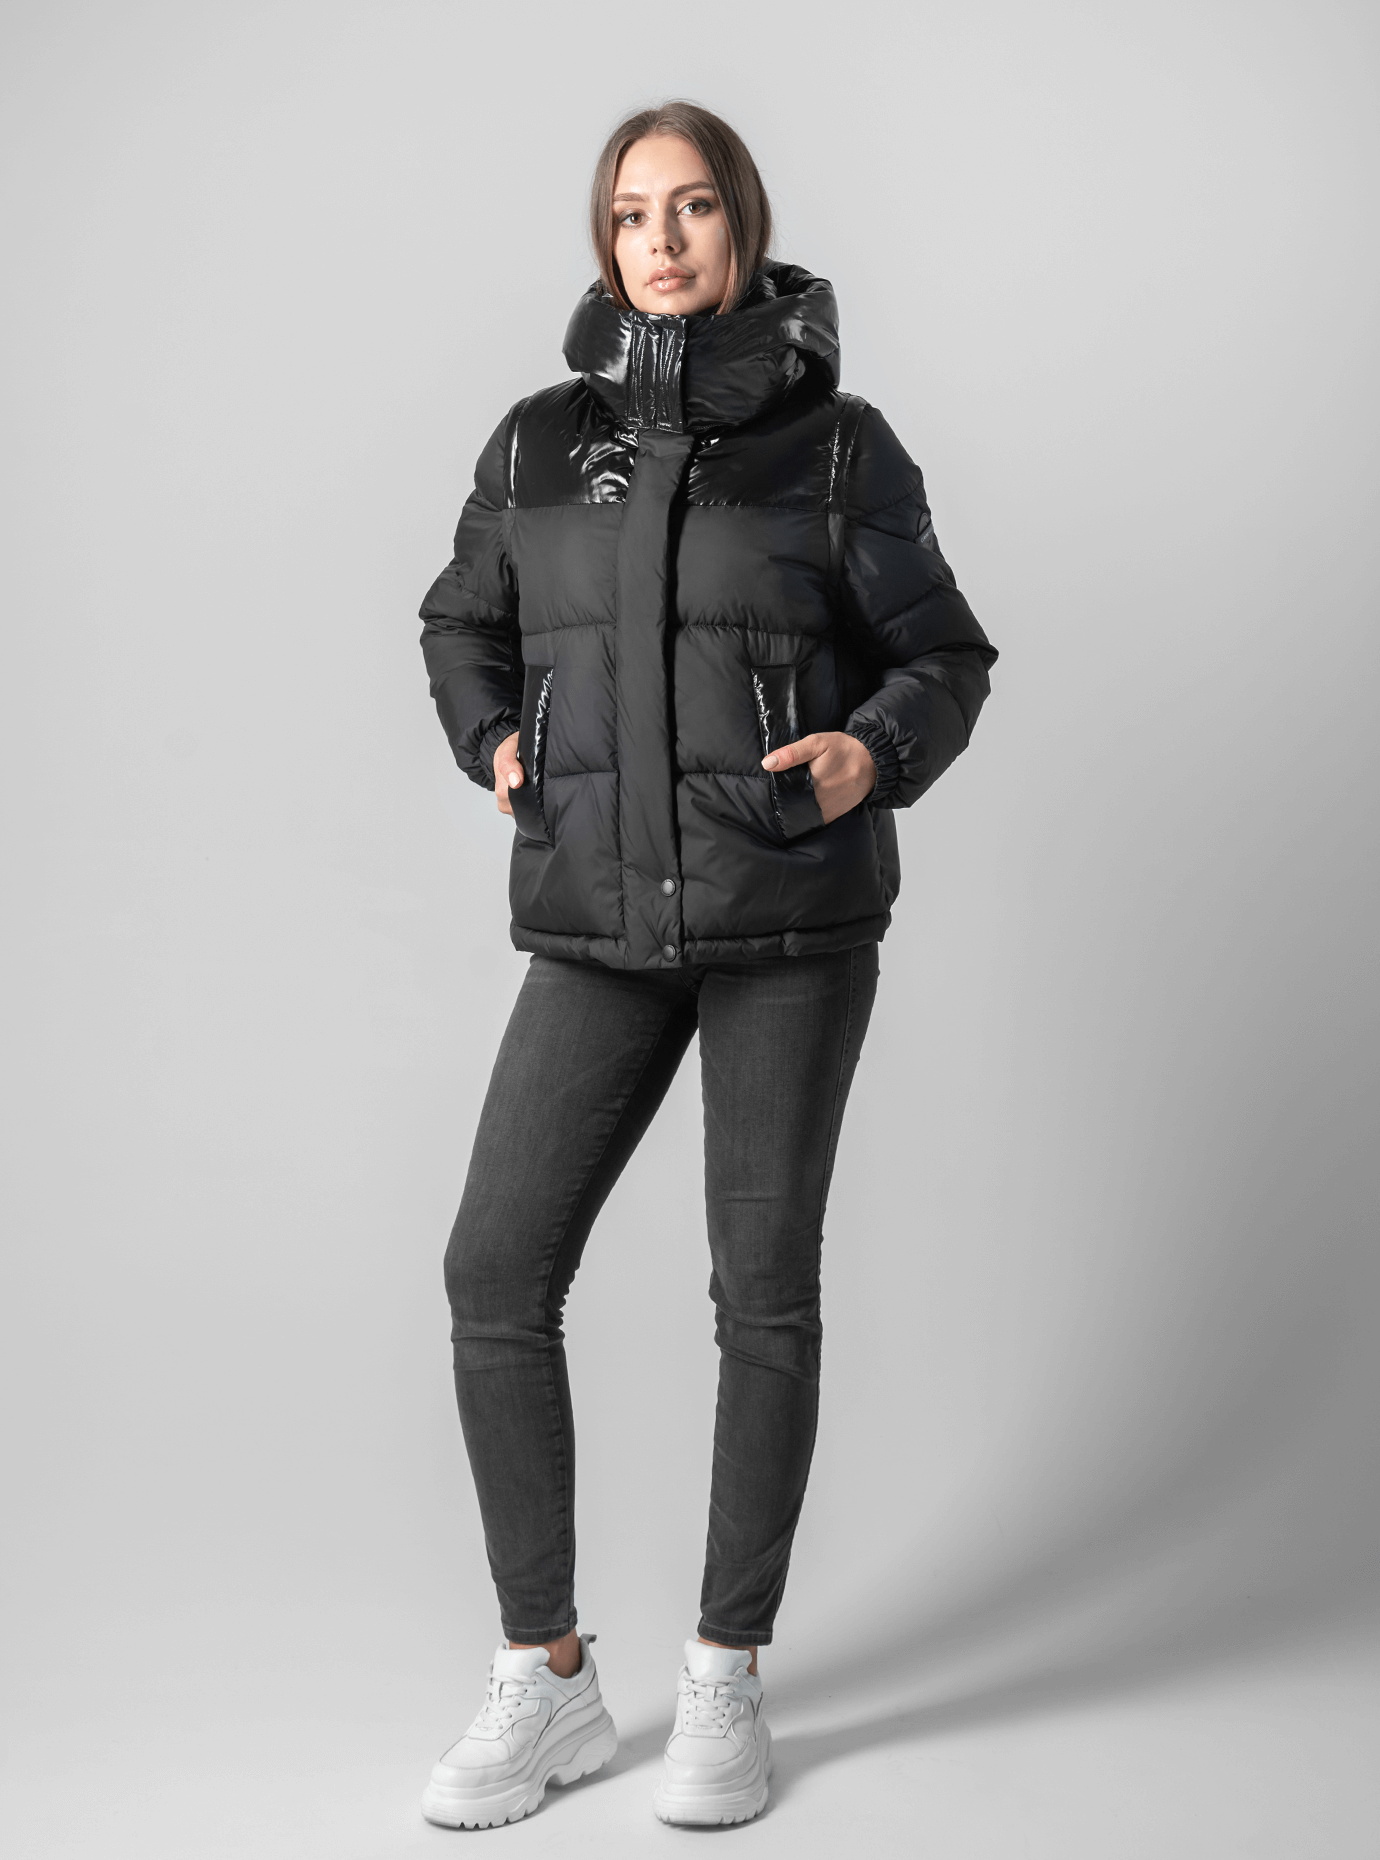 Куртка с лаковыми вставками Чёрный L (02-190121): фото - Alster.ua